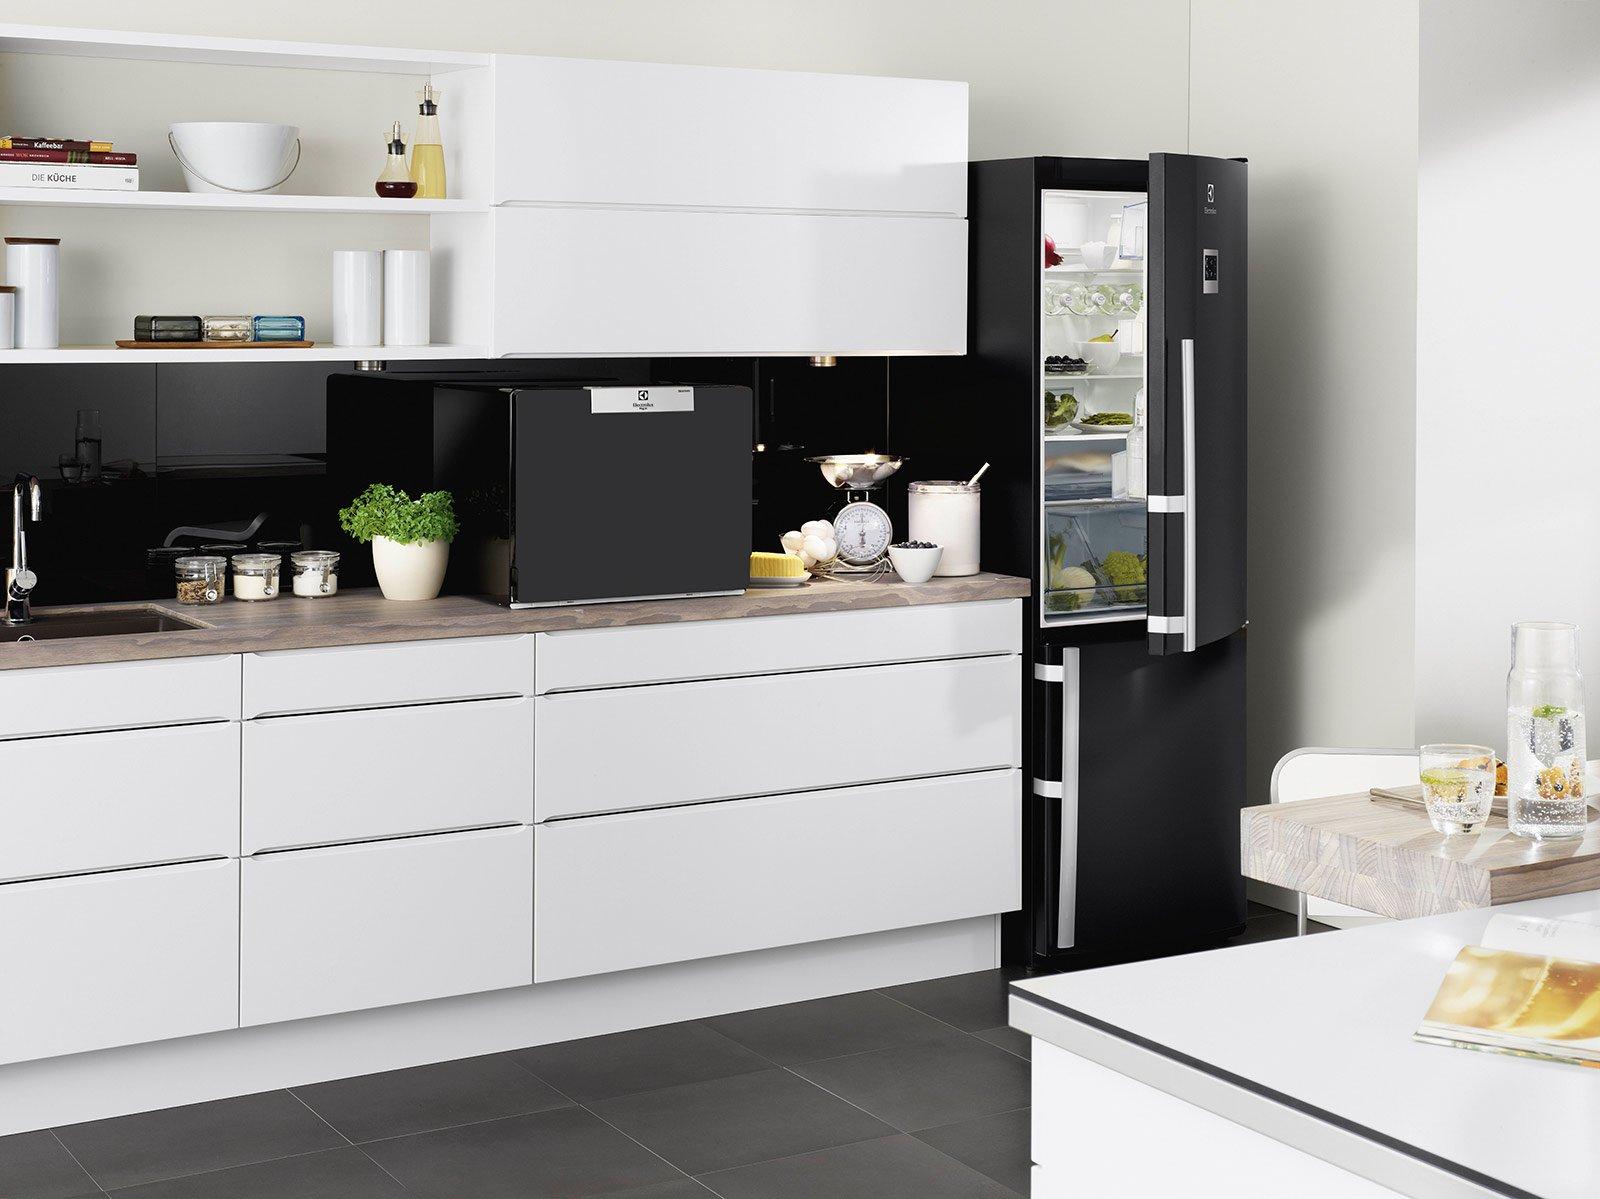 Elettrodomestici piccoli per risparmiare spazio cose di casa for Lavastoviglie 4 coperti